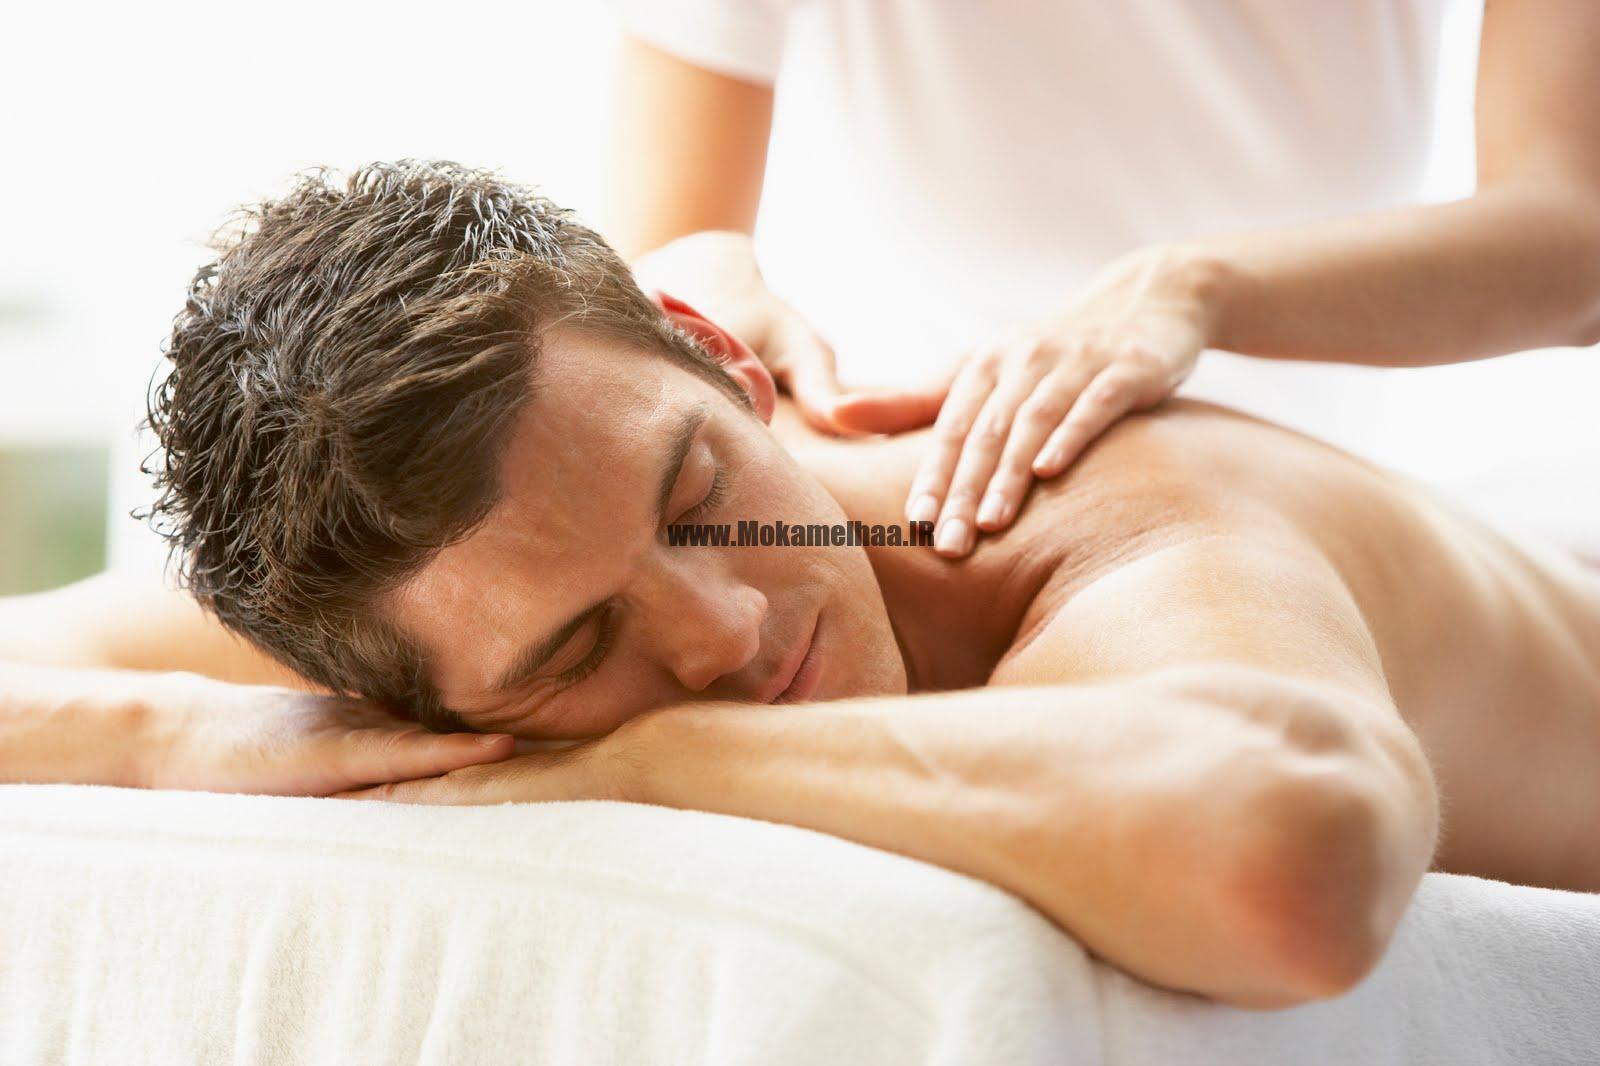 اثر ماساژ بر ریکاوری و خستگی عضلانی,ماساژ در بدنسازی,ماساژ برای ریکاوری,ماساژ حرفه ای,ماساژ برای بدنسازی,انواع ماساژ,راه های رفع خستگی,را های ریکاوری در بدنسازی]ماساژ حرفه ای,آموزش ماساژ دادن